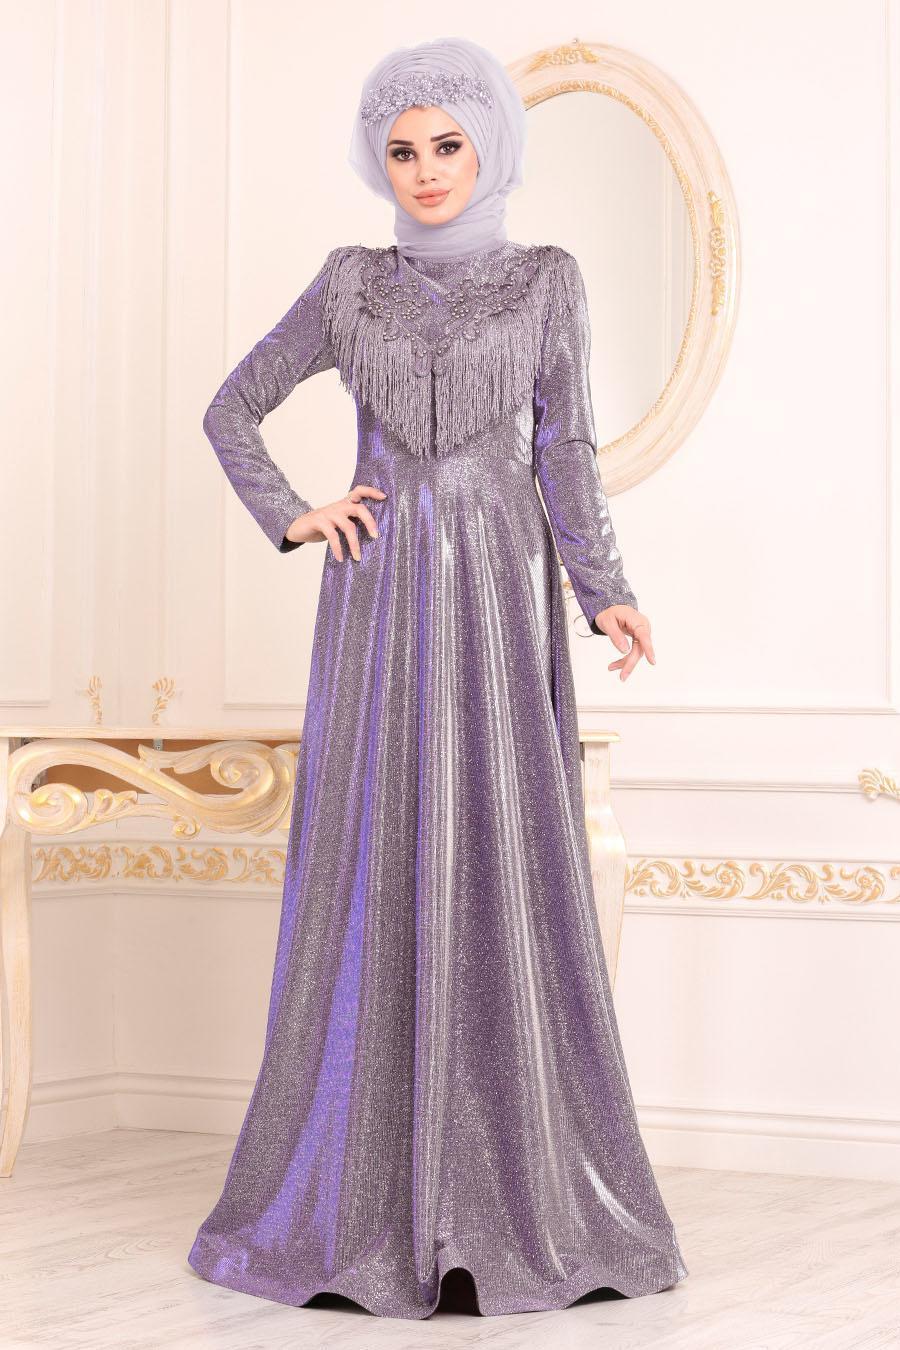 Tesettürlü Abiye Elbise - Boncuk Detaylı Mürdüm Tesettür Abiye Elbise 20670MU